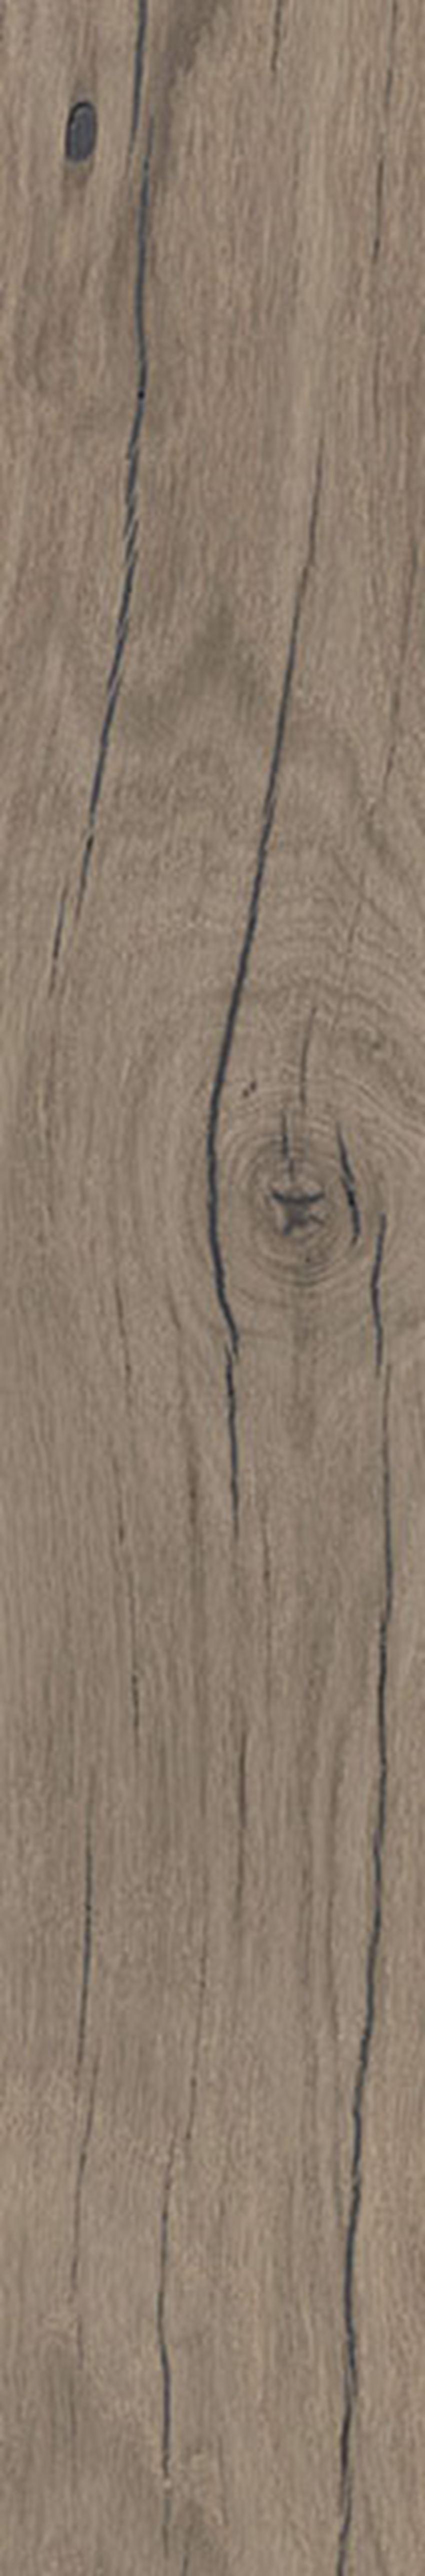 Płytka ścienno-podłogowa 14,8x89,8 cm Paradyż Craftland Dark Brown Gres Szkl. Rekt.